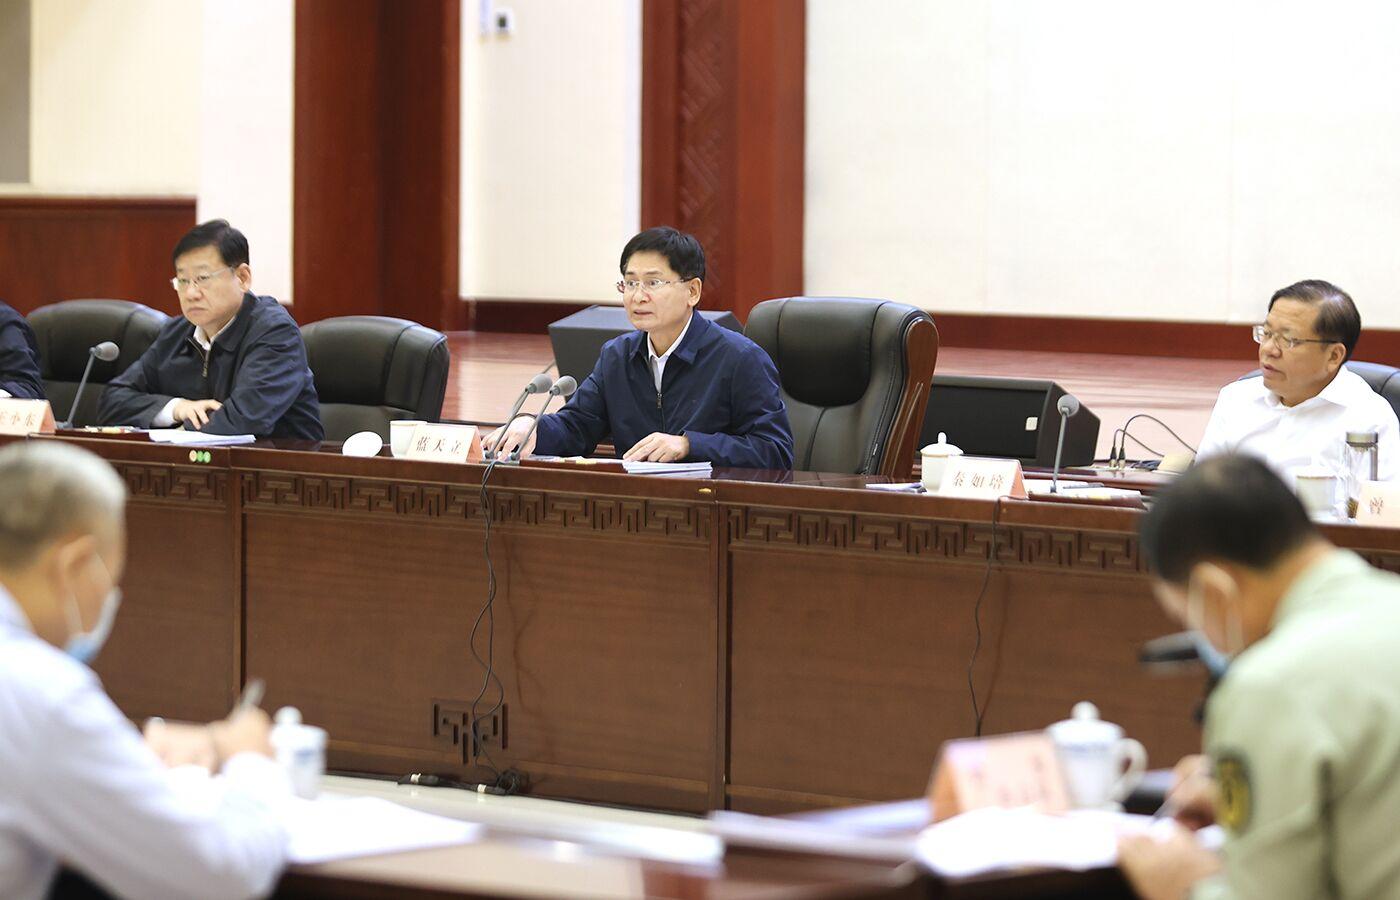 藍天立在第17屆中國-東盟博覽會和商務與投資峰會圖片